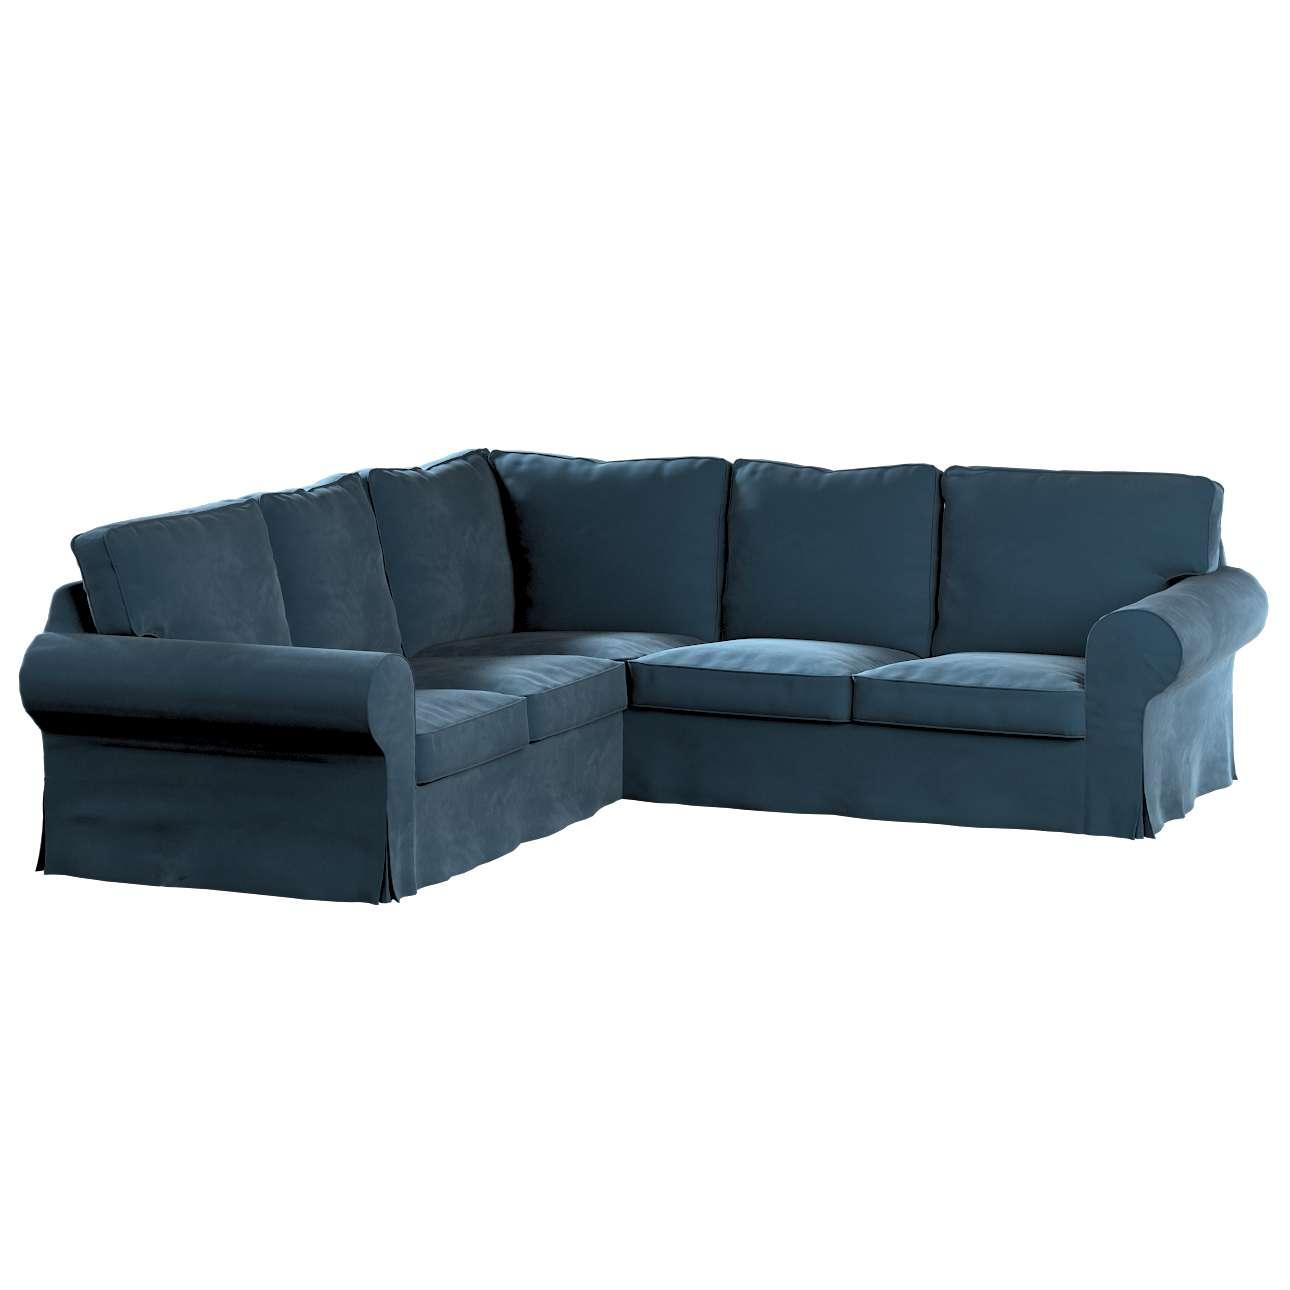 Pokrowiec Ektorp na sofę narożną w kolekcji Velvet, tkanina: 704-16